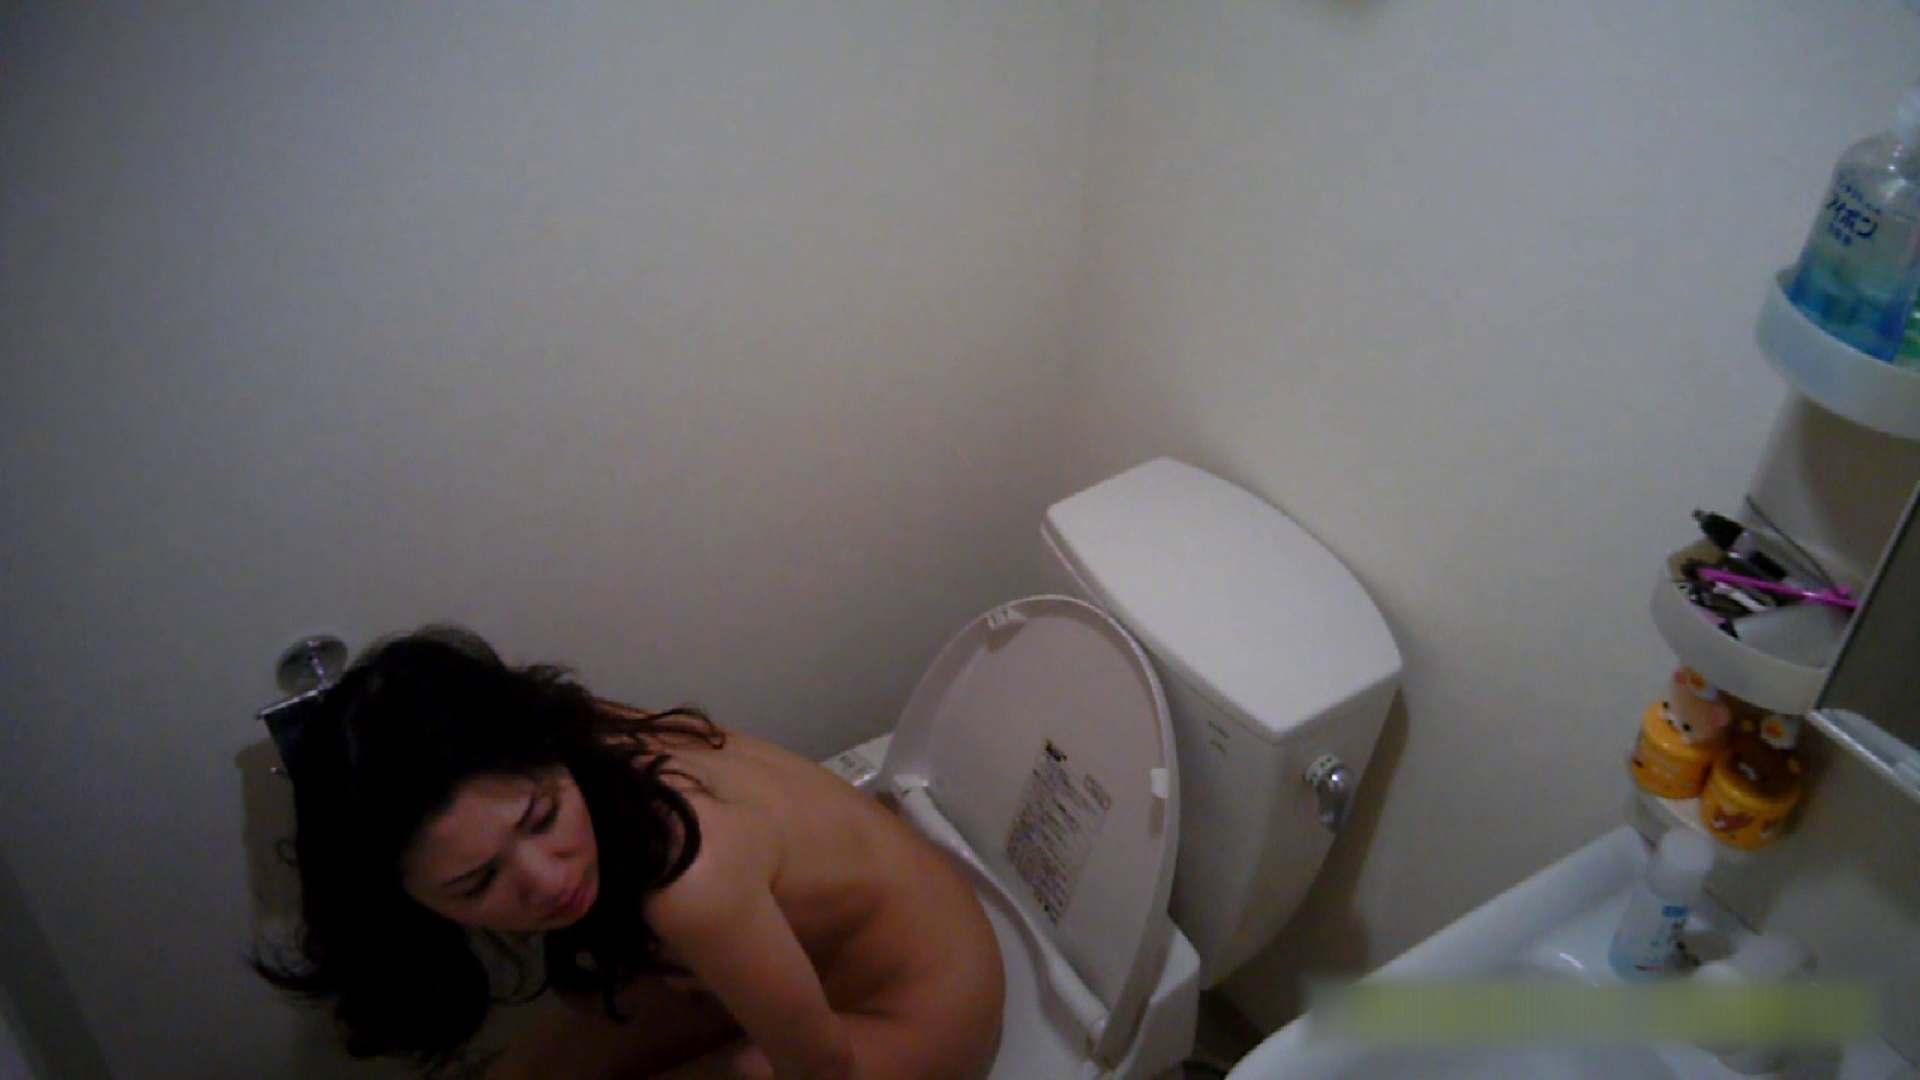 清楚な顔してかなり敏感なE子25歳(仮名)Vol.05 裸でトイレ編 トイレ中 | OL  68連発 17